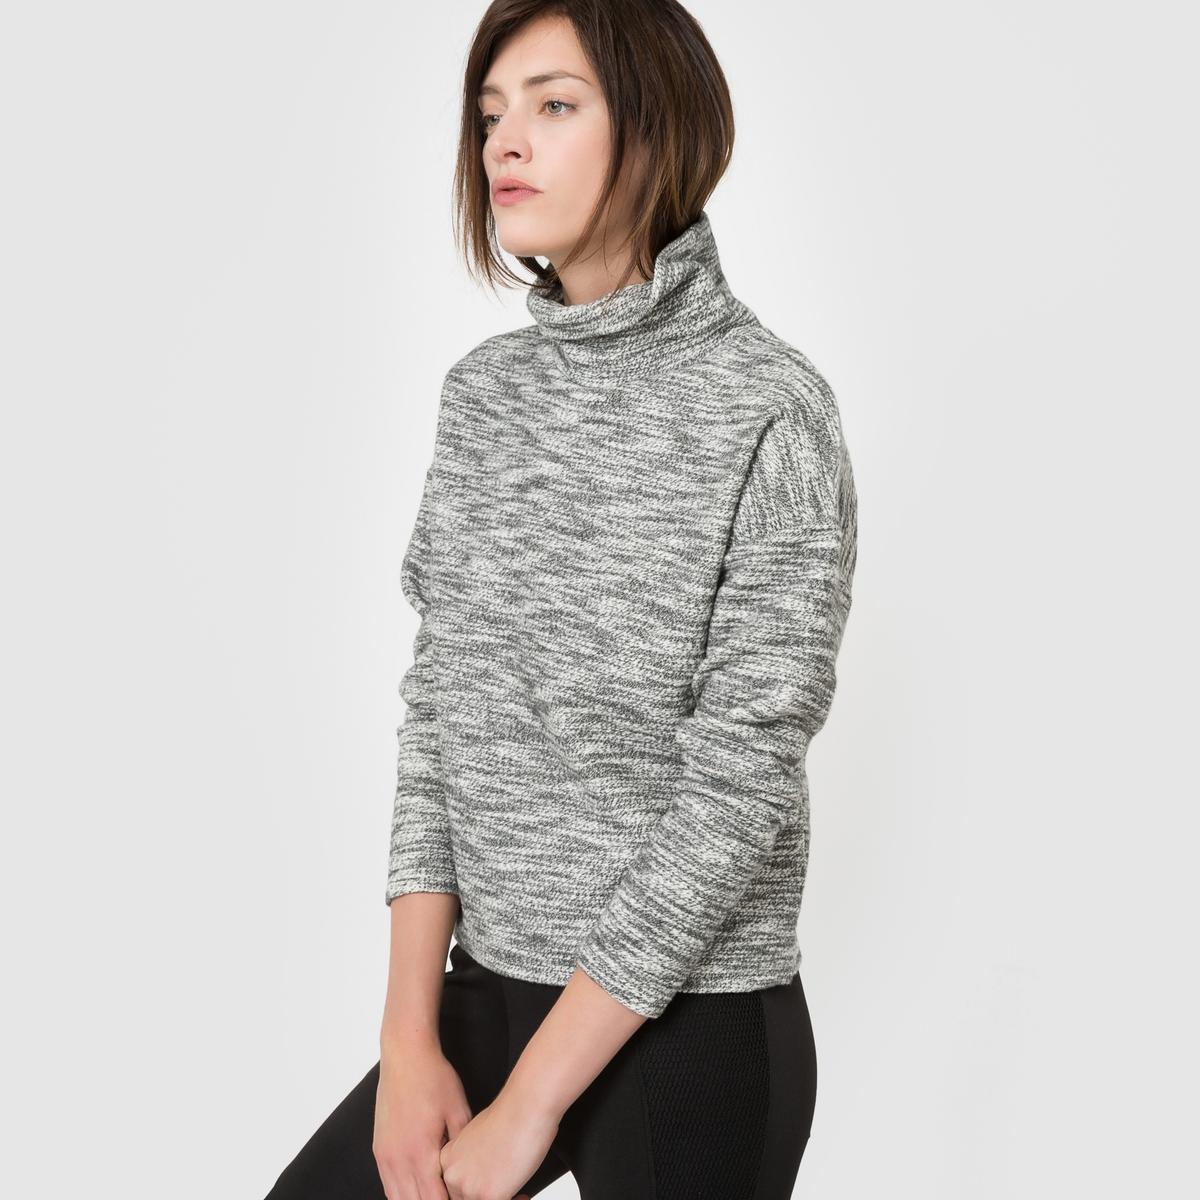 Пуловер с высоким воротникомСостав и описаниеМарка : R Essentiel.Материал: 90% хлопка, 10% полиэстера.Длина: 58 см.УходМашинная стирка при 30°C в деликатном режимес вещами схожих цветов.Машинная сушка запрещена.<br><br>Цвет: серый меланж